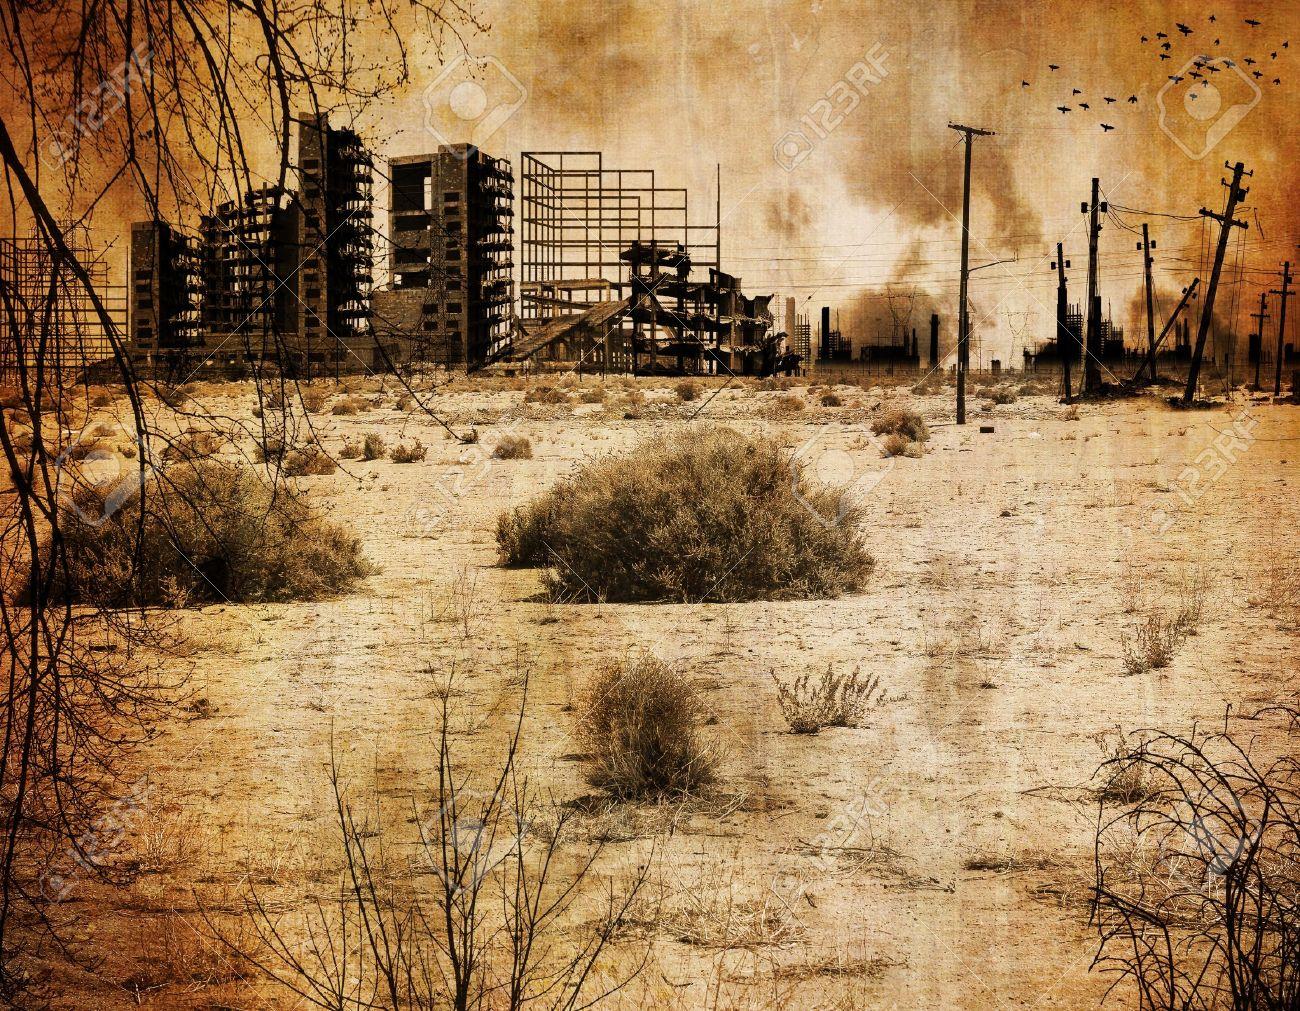 https://previews.123rf.com/images/yorkberlin/yorkberlin1306/yorkberlin130600041/20418002-Contexte-ville-du-d-sert-apr-s-l-apocalypse-nucl-aire-Banque-d'images.jpg